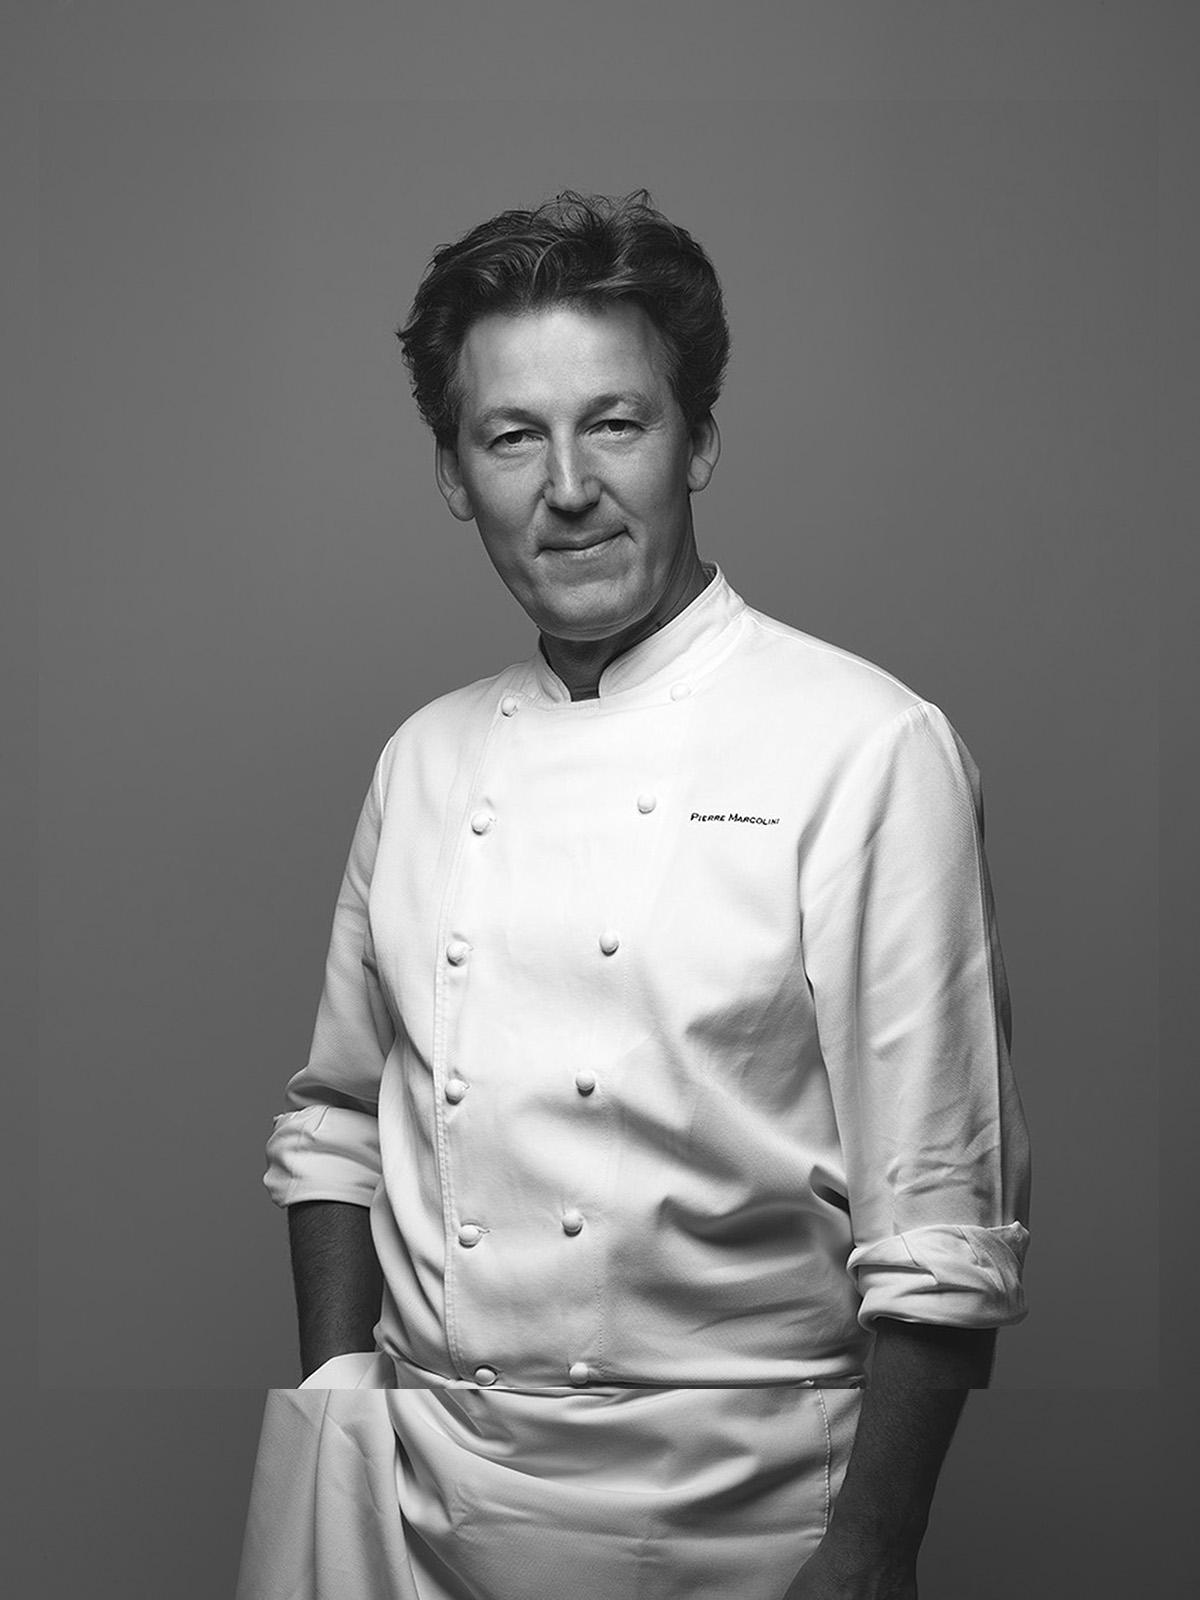 Pierre Marcolini - meilleur pâtissier 2020